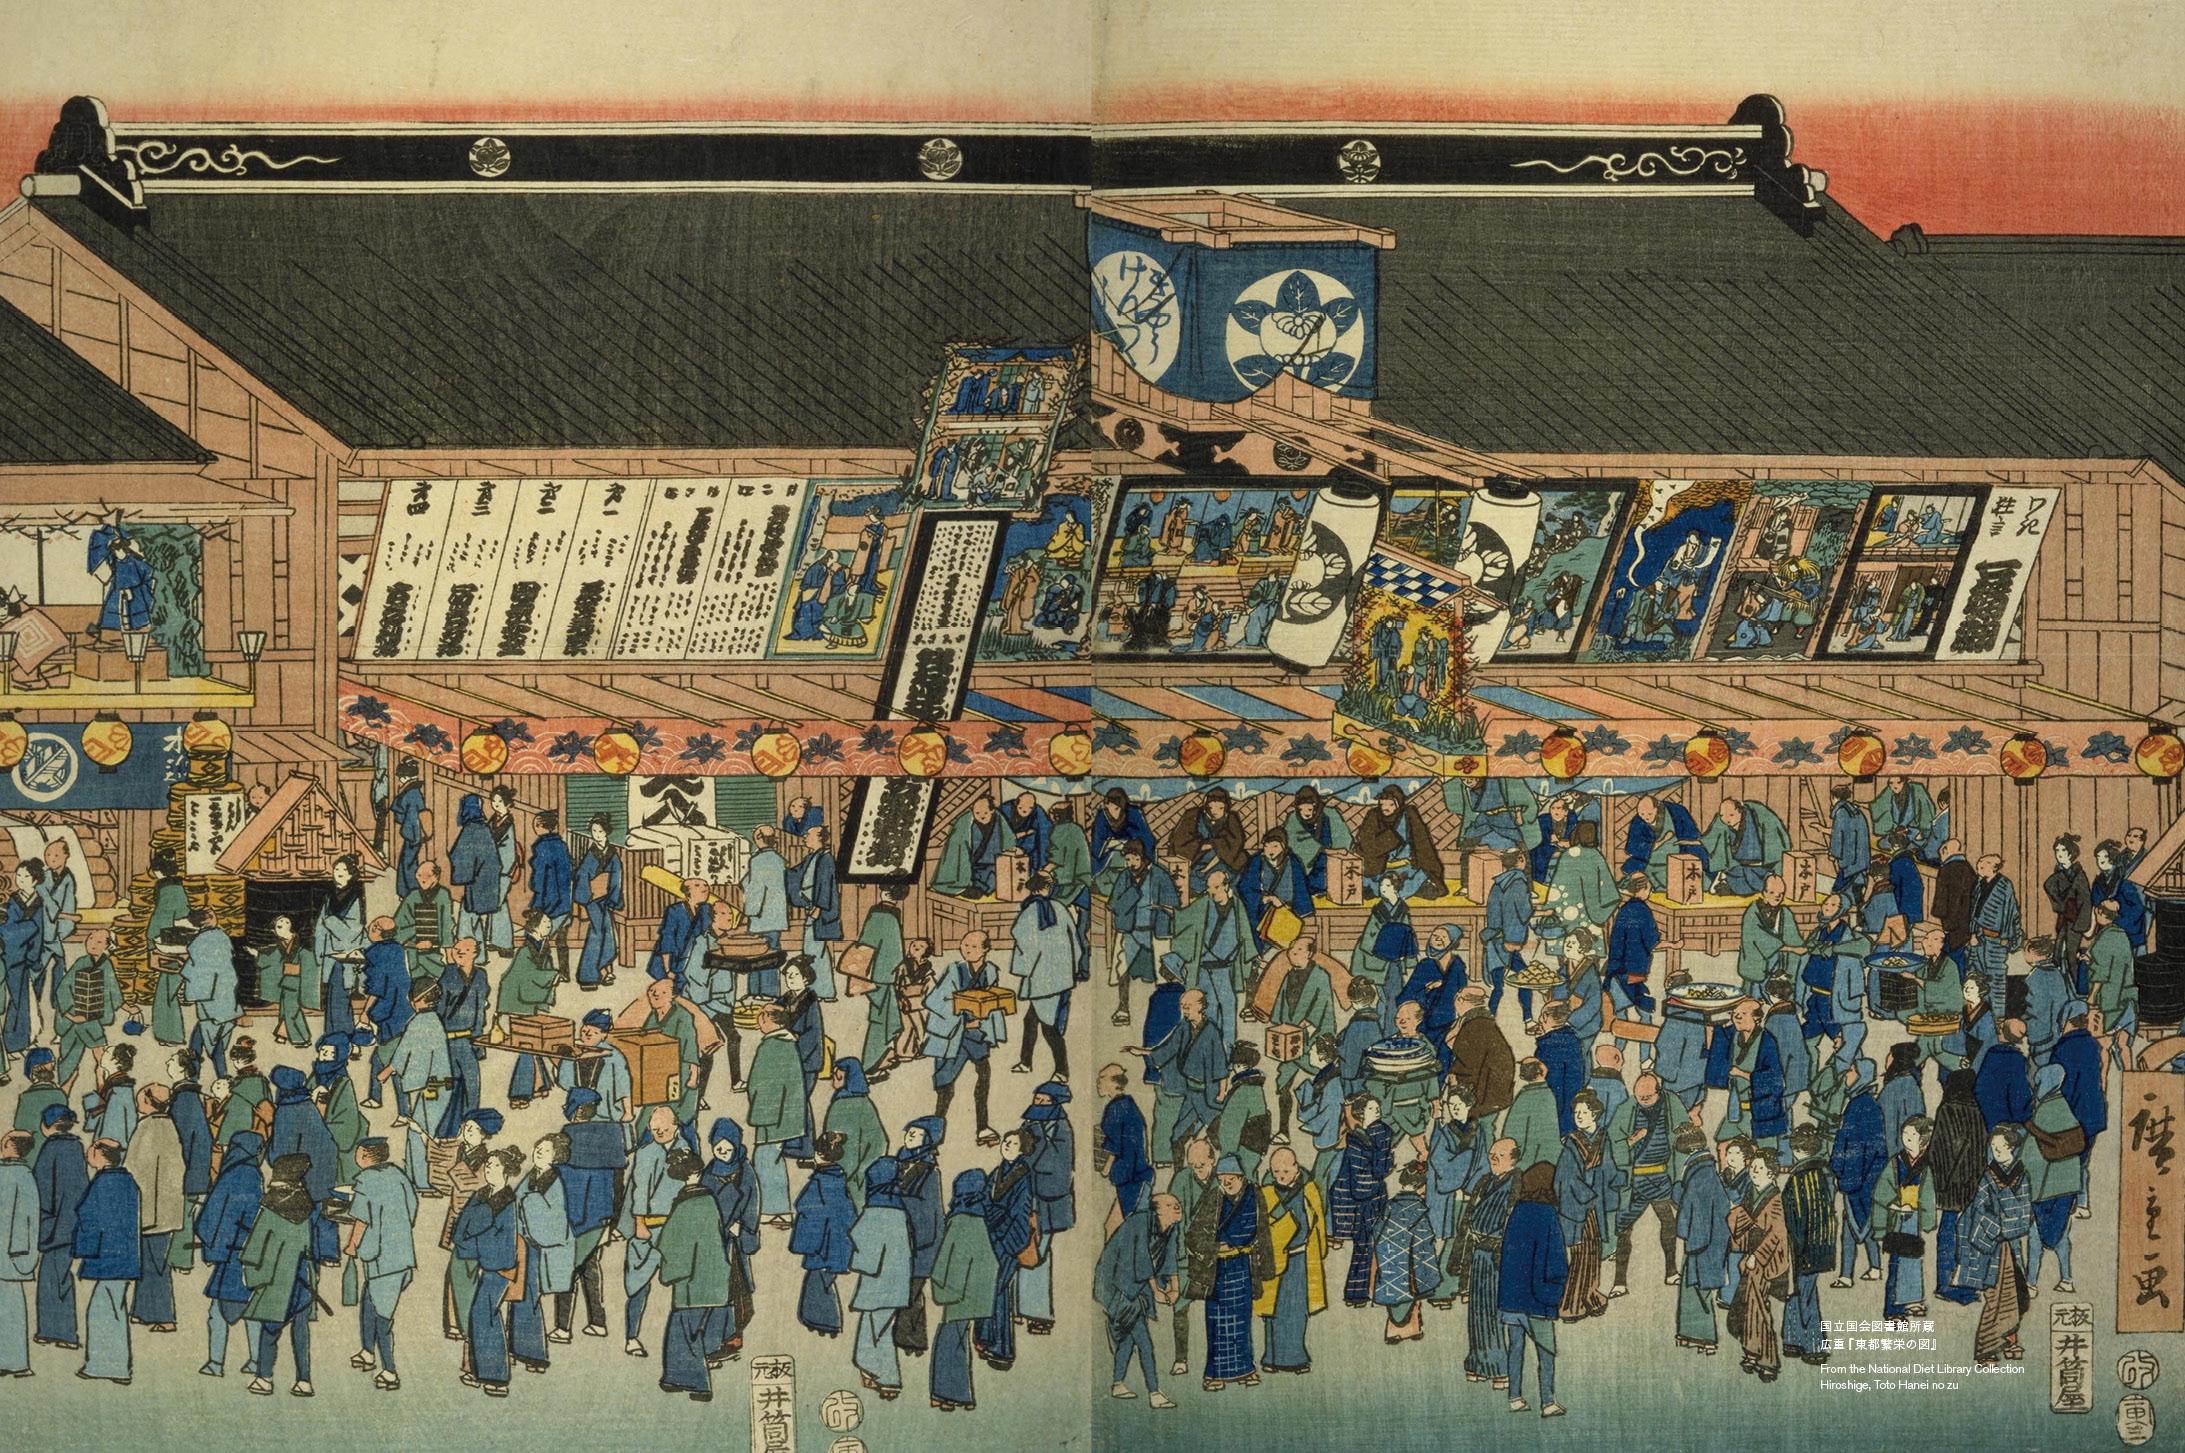 巻頭より:導入は、 江戸時代の芝居小屋の雰囲気が伝わる、 広重作の錦絵から始まる